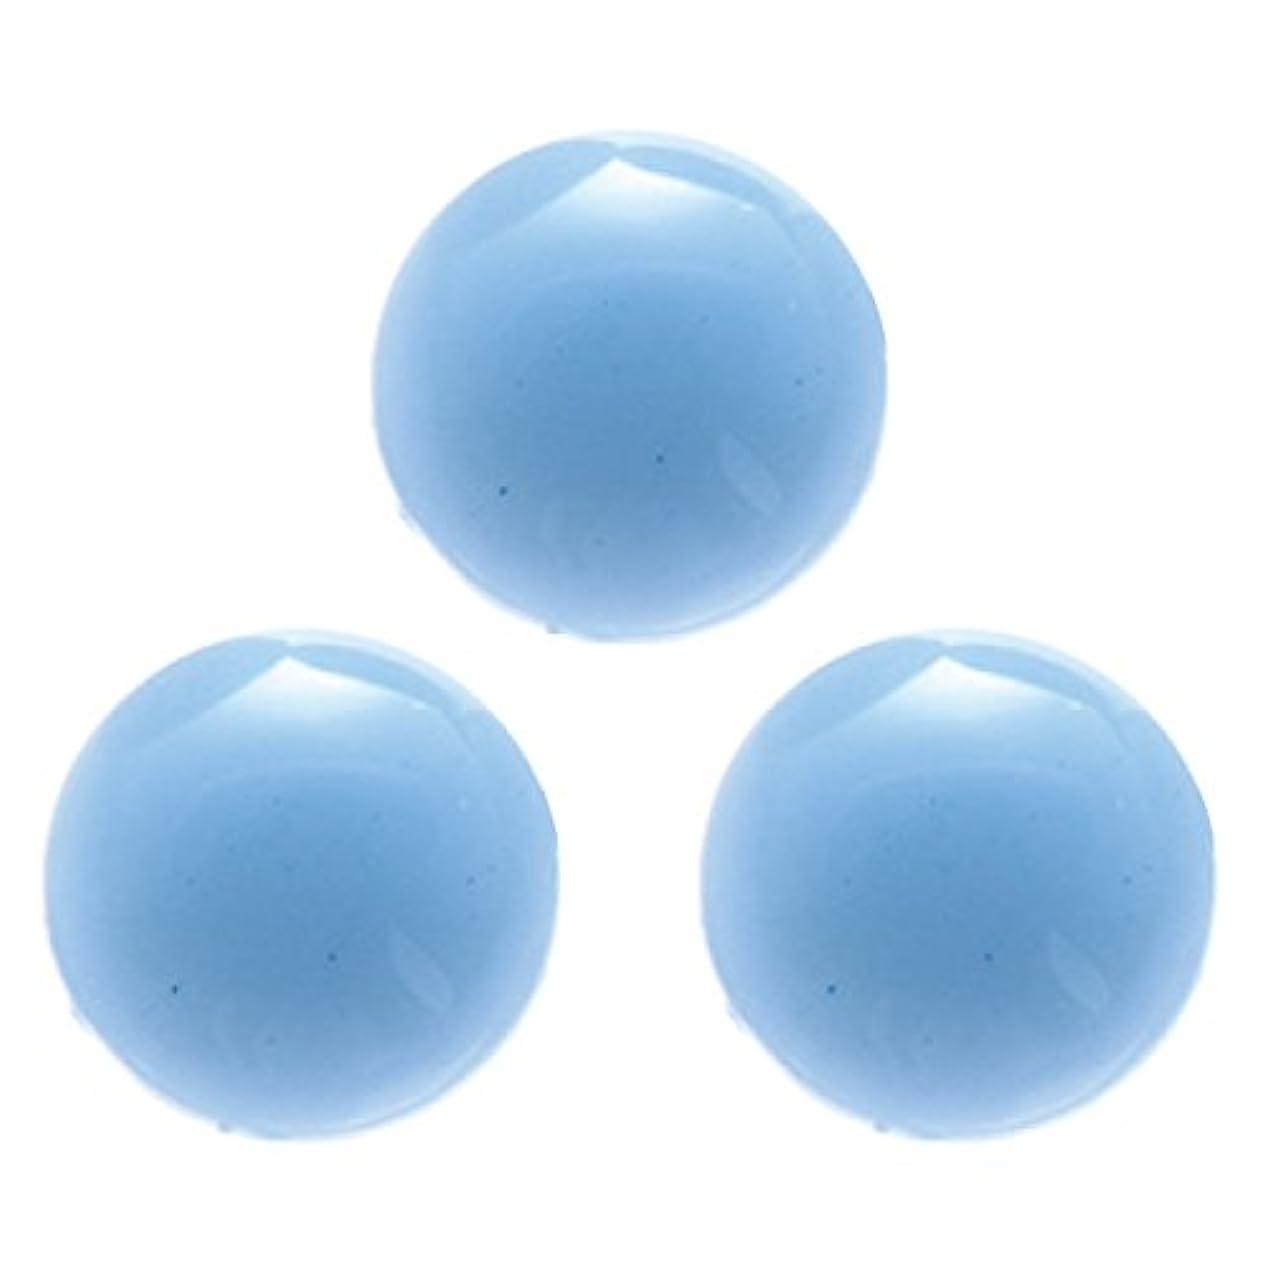 ペストリー不公平ヒゲクジラ<エトゥベラ>オパールストーン ラウンド 3mm ブルー